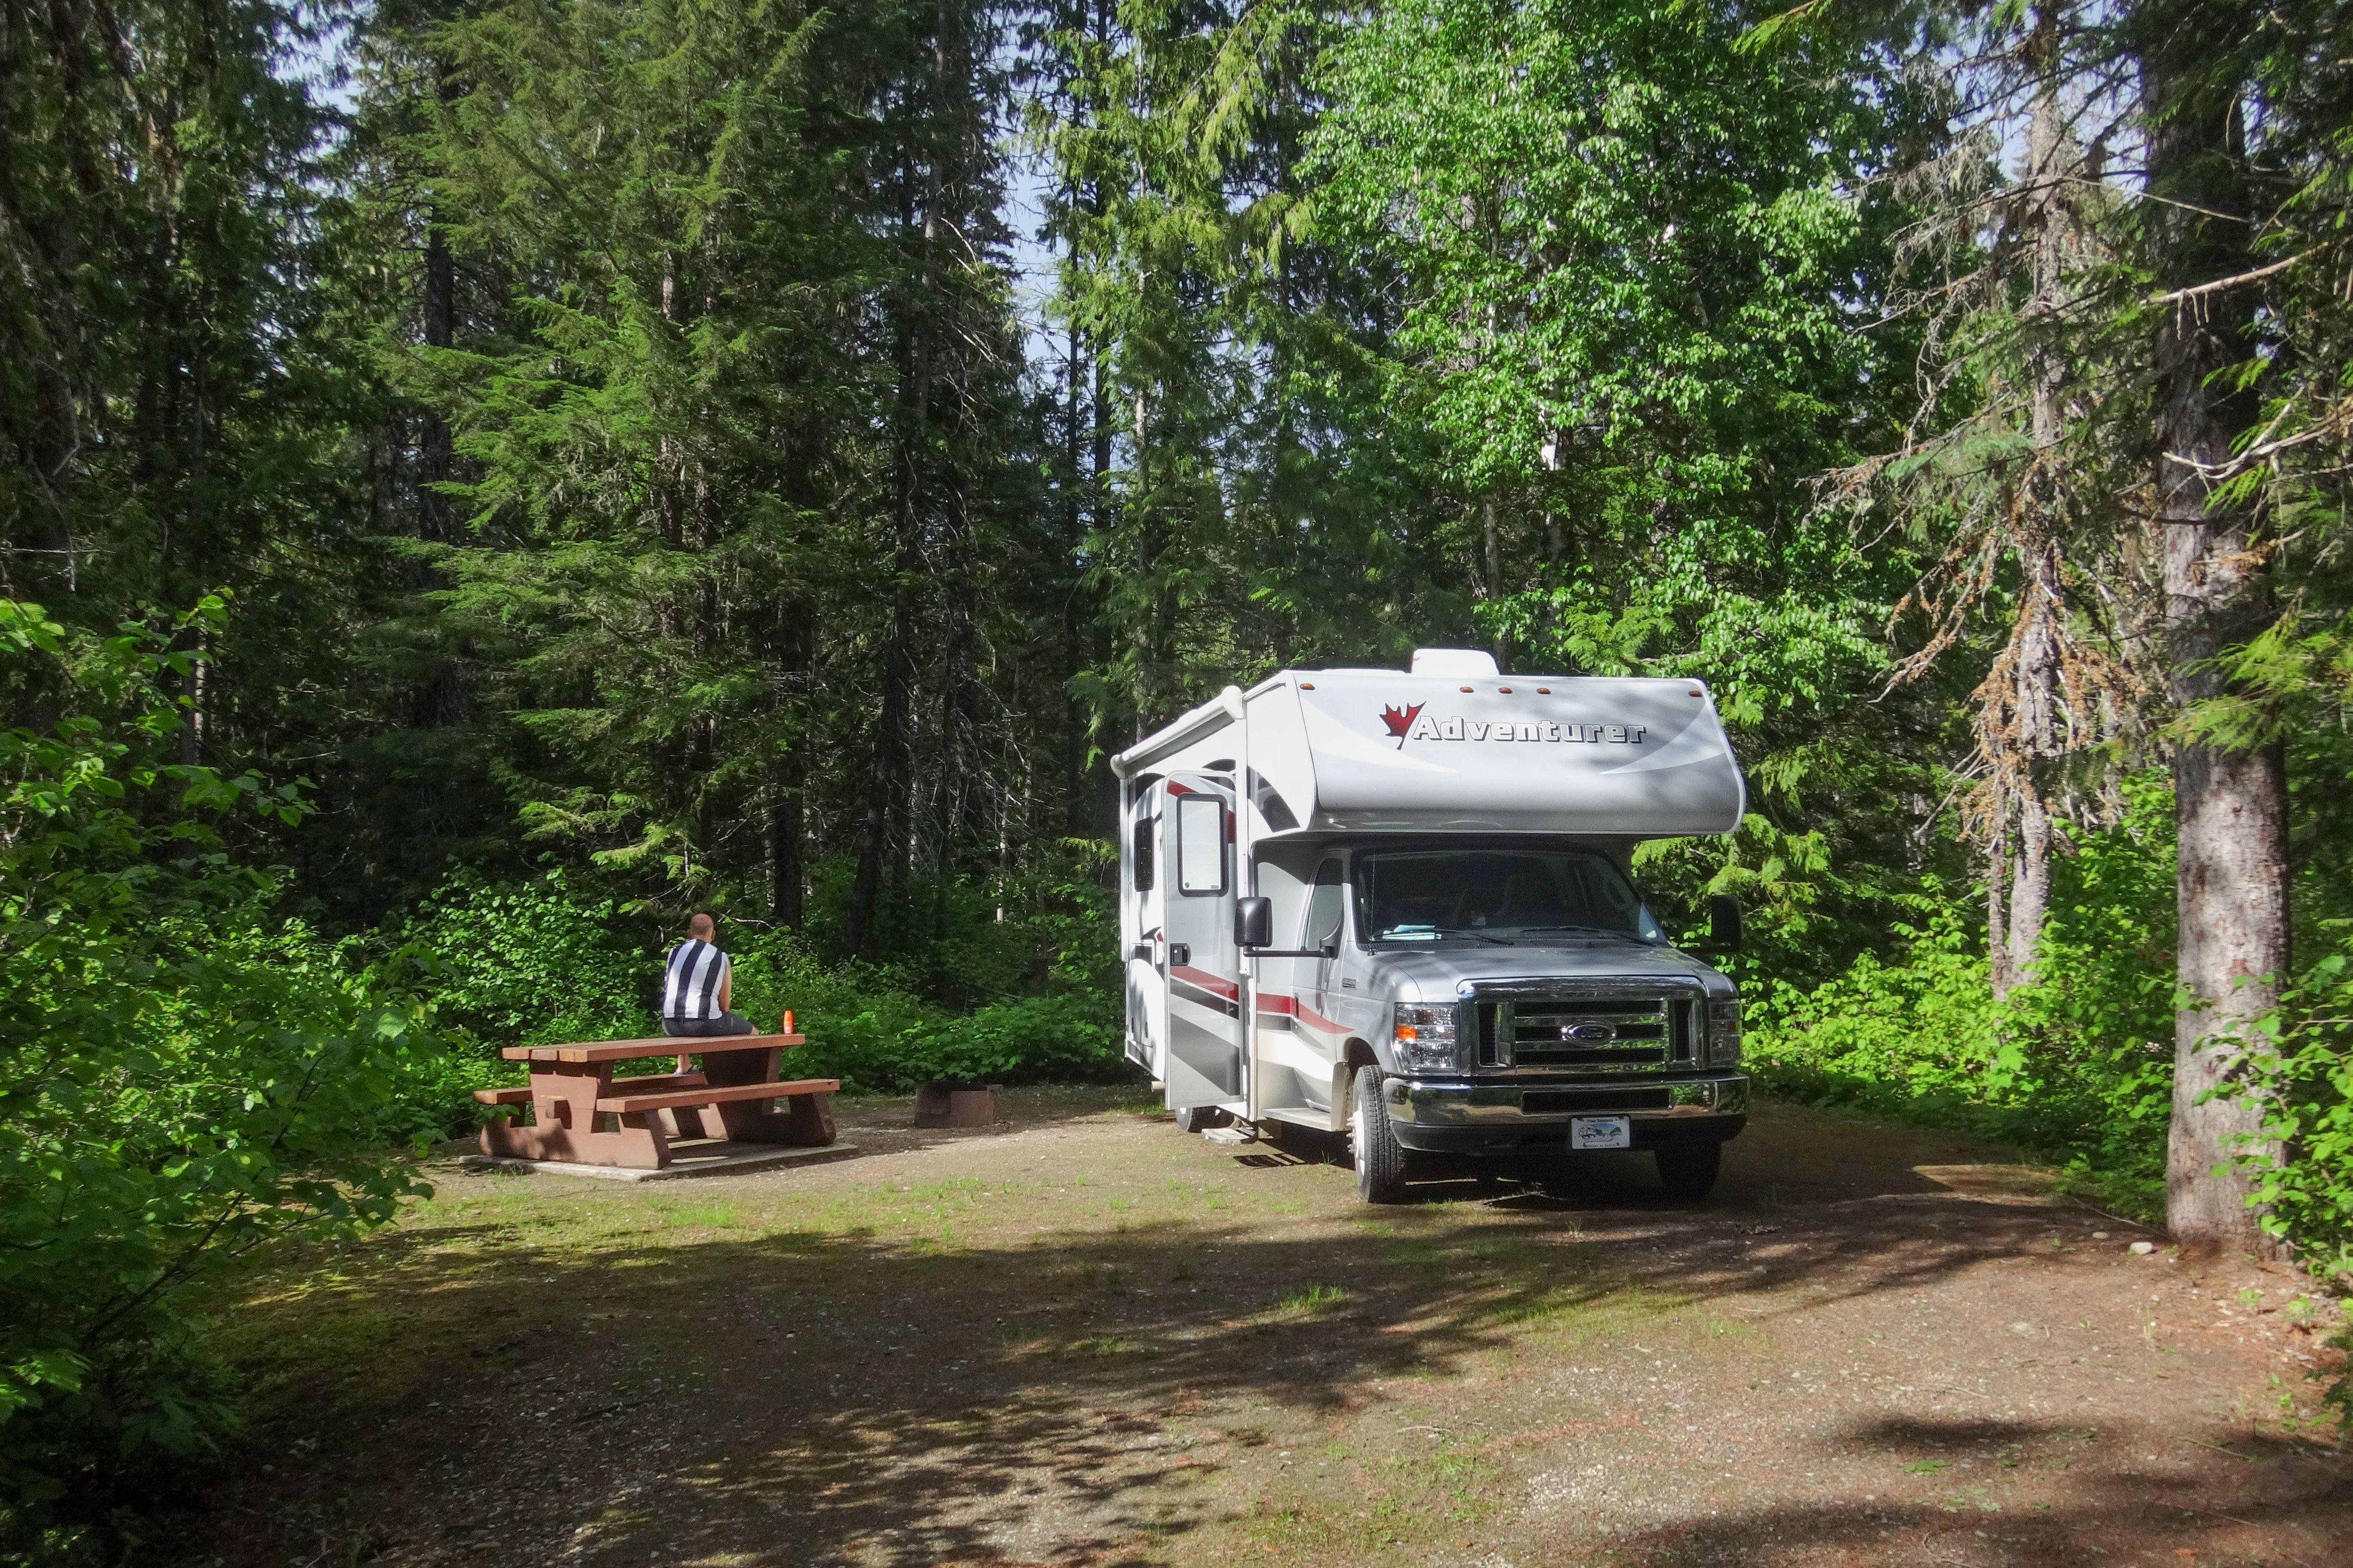 Mit einem Wohnmobil auf einem Campground im Well Gray Provincial Park